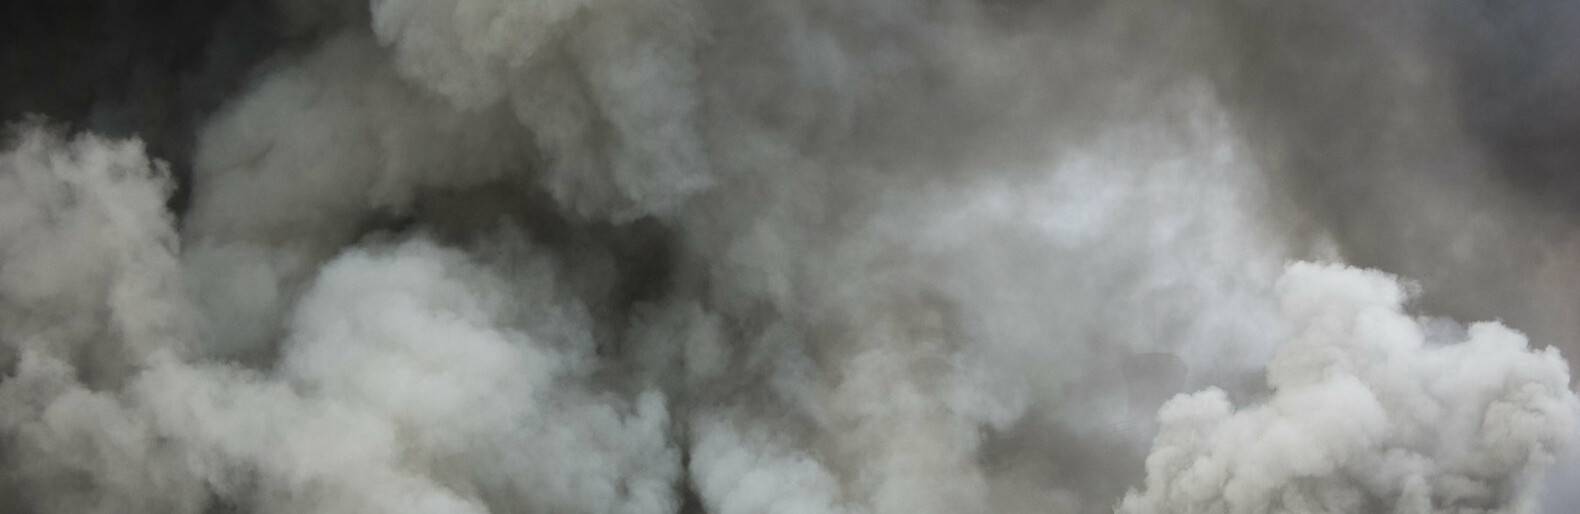 В Одесской области супружеская пара отравилась угарным газом, женщи...0